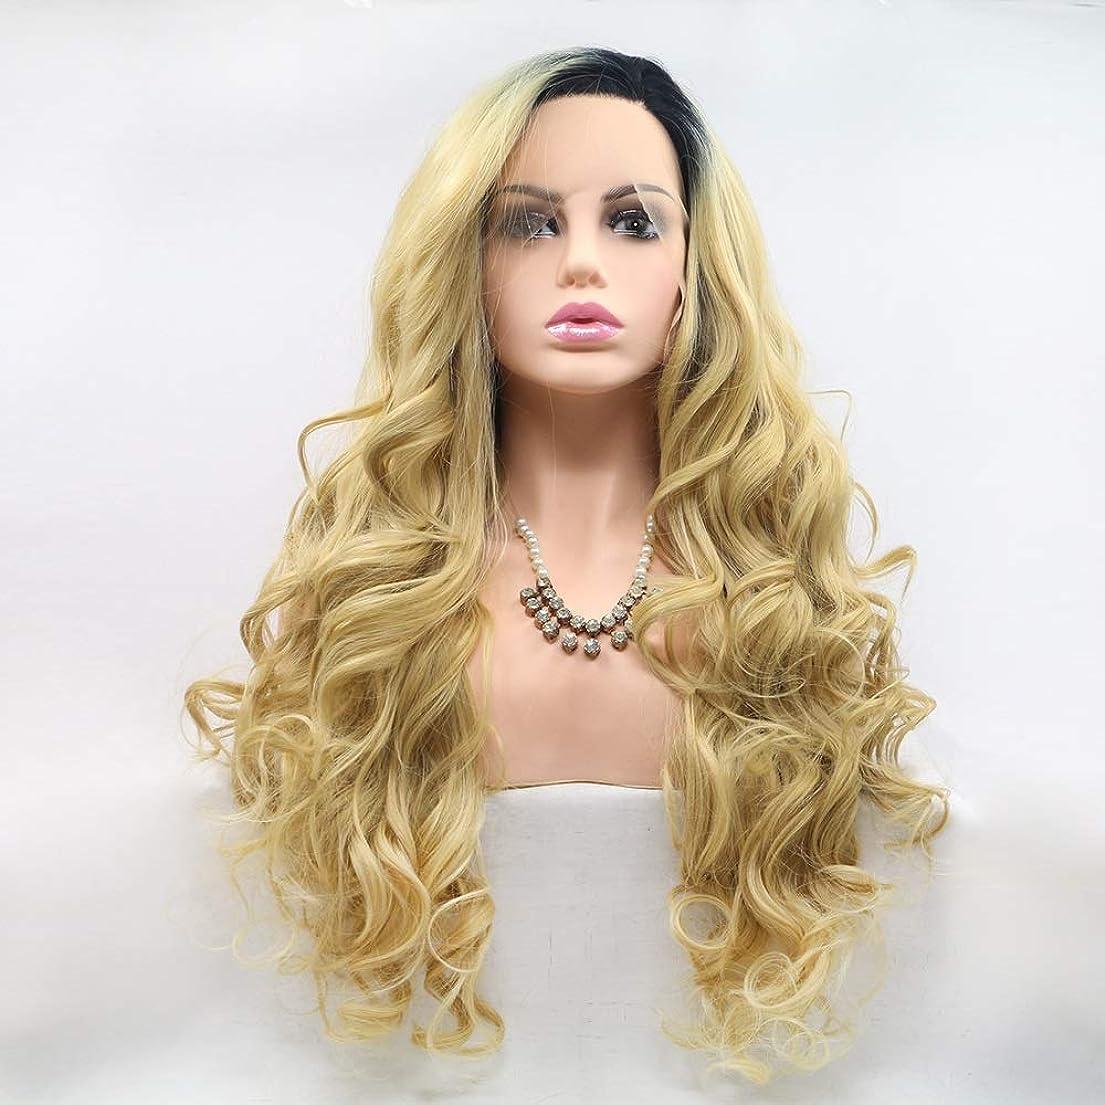 巻き戻す原子問い合わせZXF フロントレースの化学繊維かつらヨーロッパ人とアメリカ人の女性の小さいボリュームの長い巻き毛のグラデーションの大きいボリューム 美しい